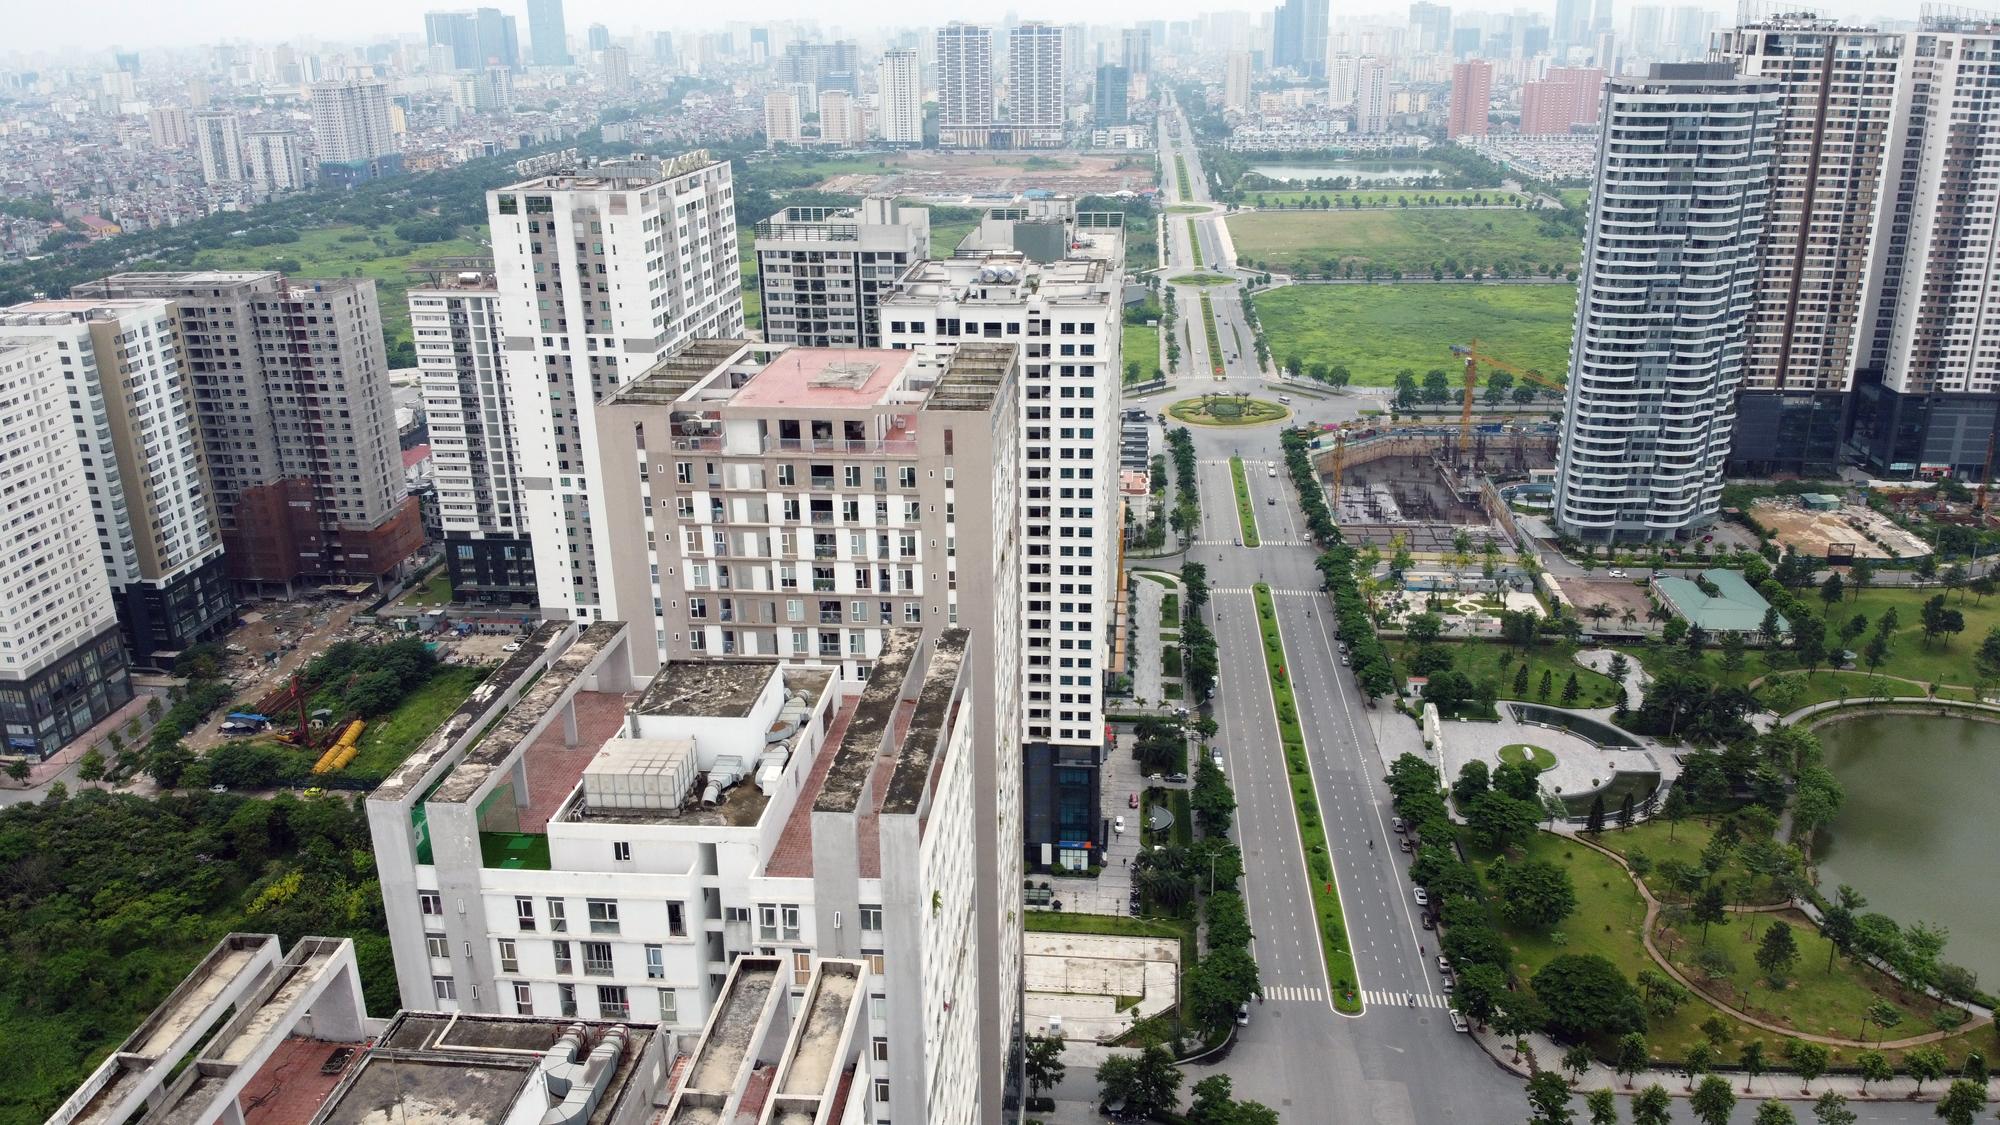 3 đường sẽ mở theo qui hoạch ở phường Xuân Đỉnh, Bắc Từ Liêm - Ảnh 14.